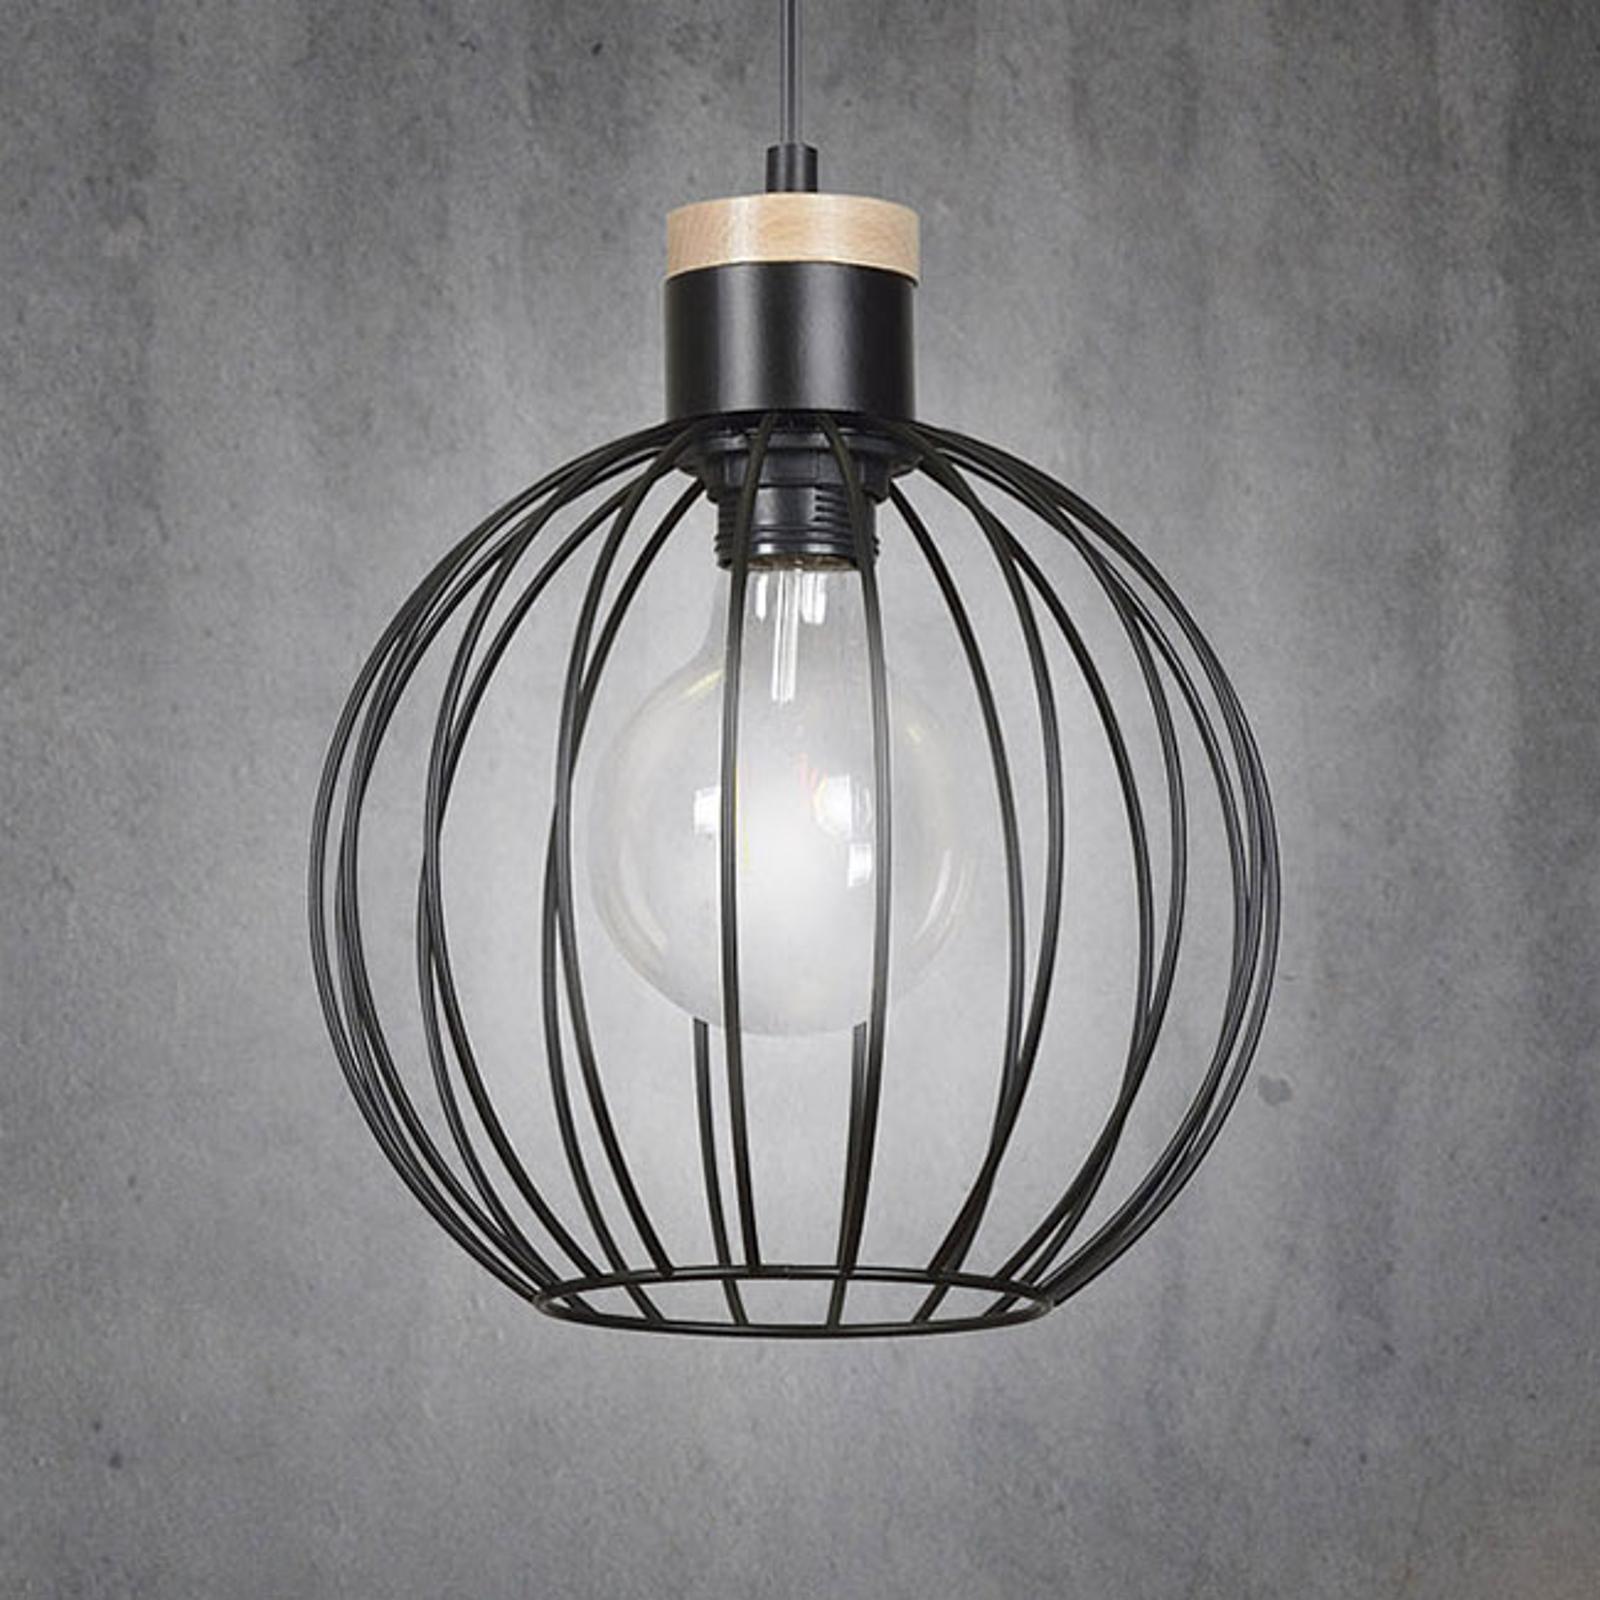 Lampa wisząca Barbado, 1-punktowa, czarna